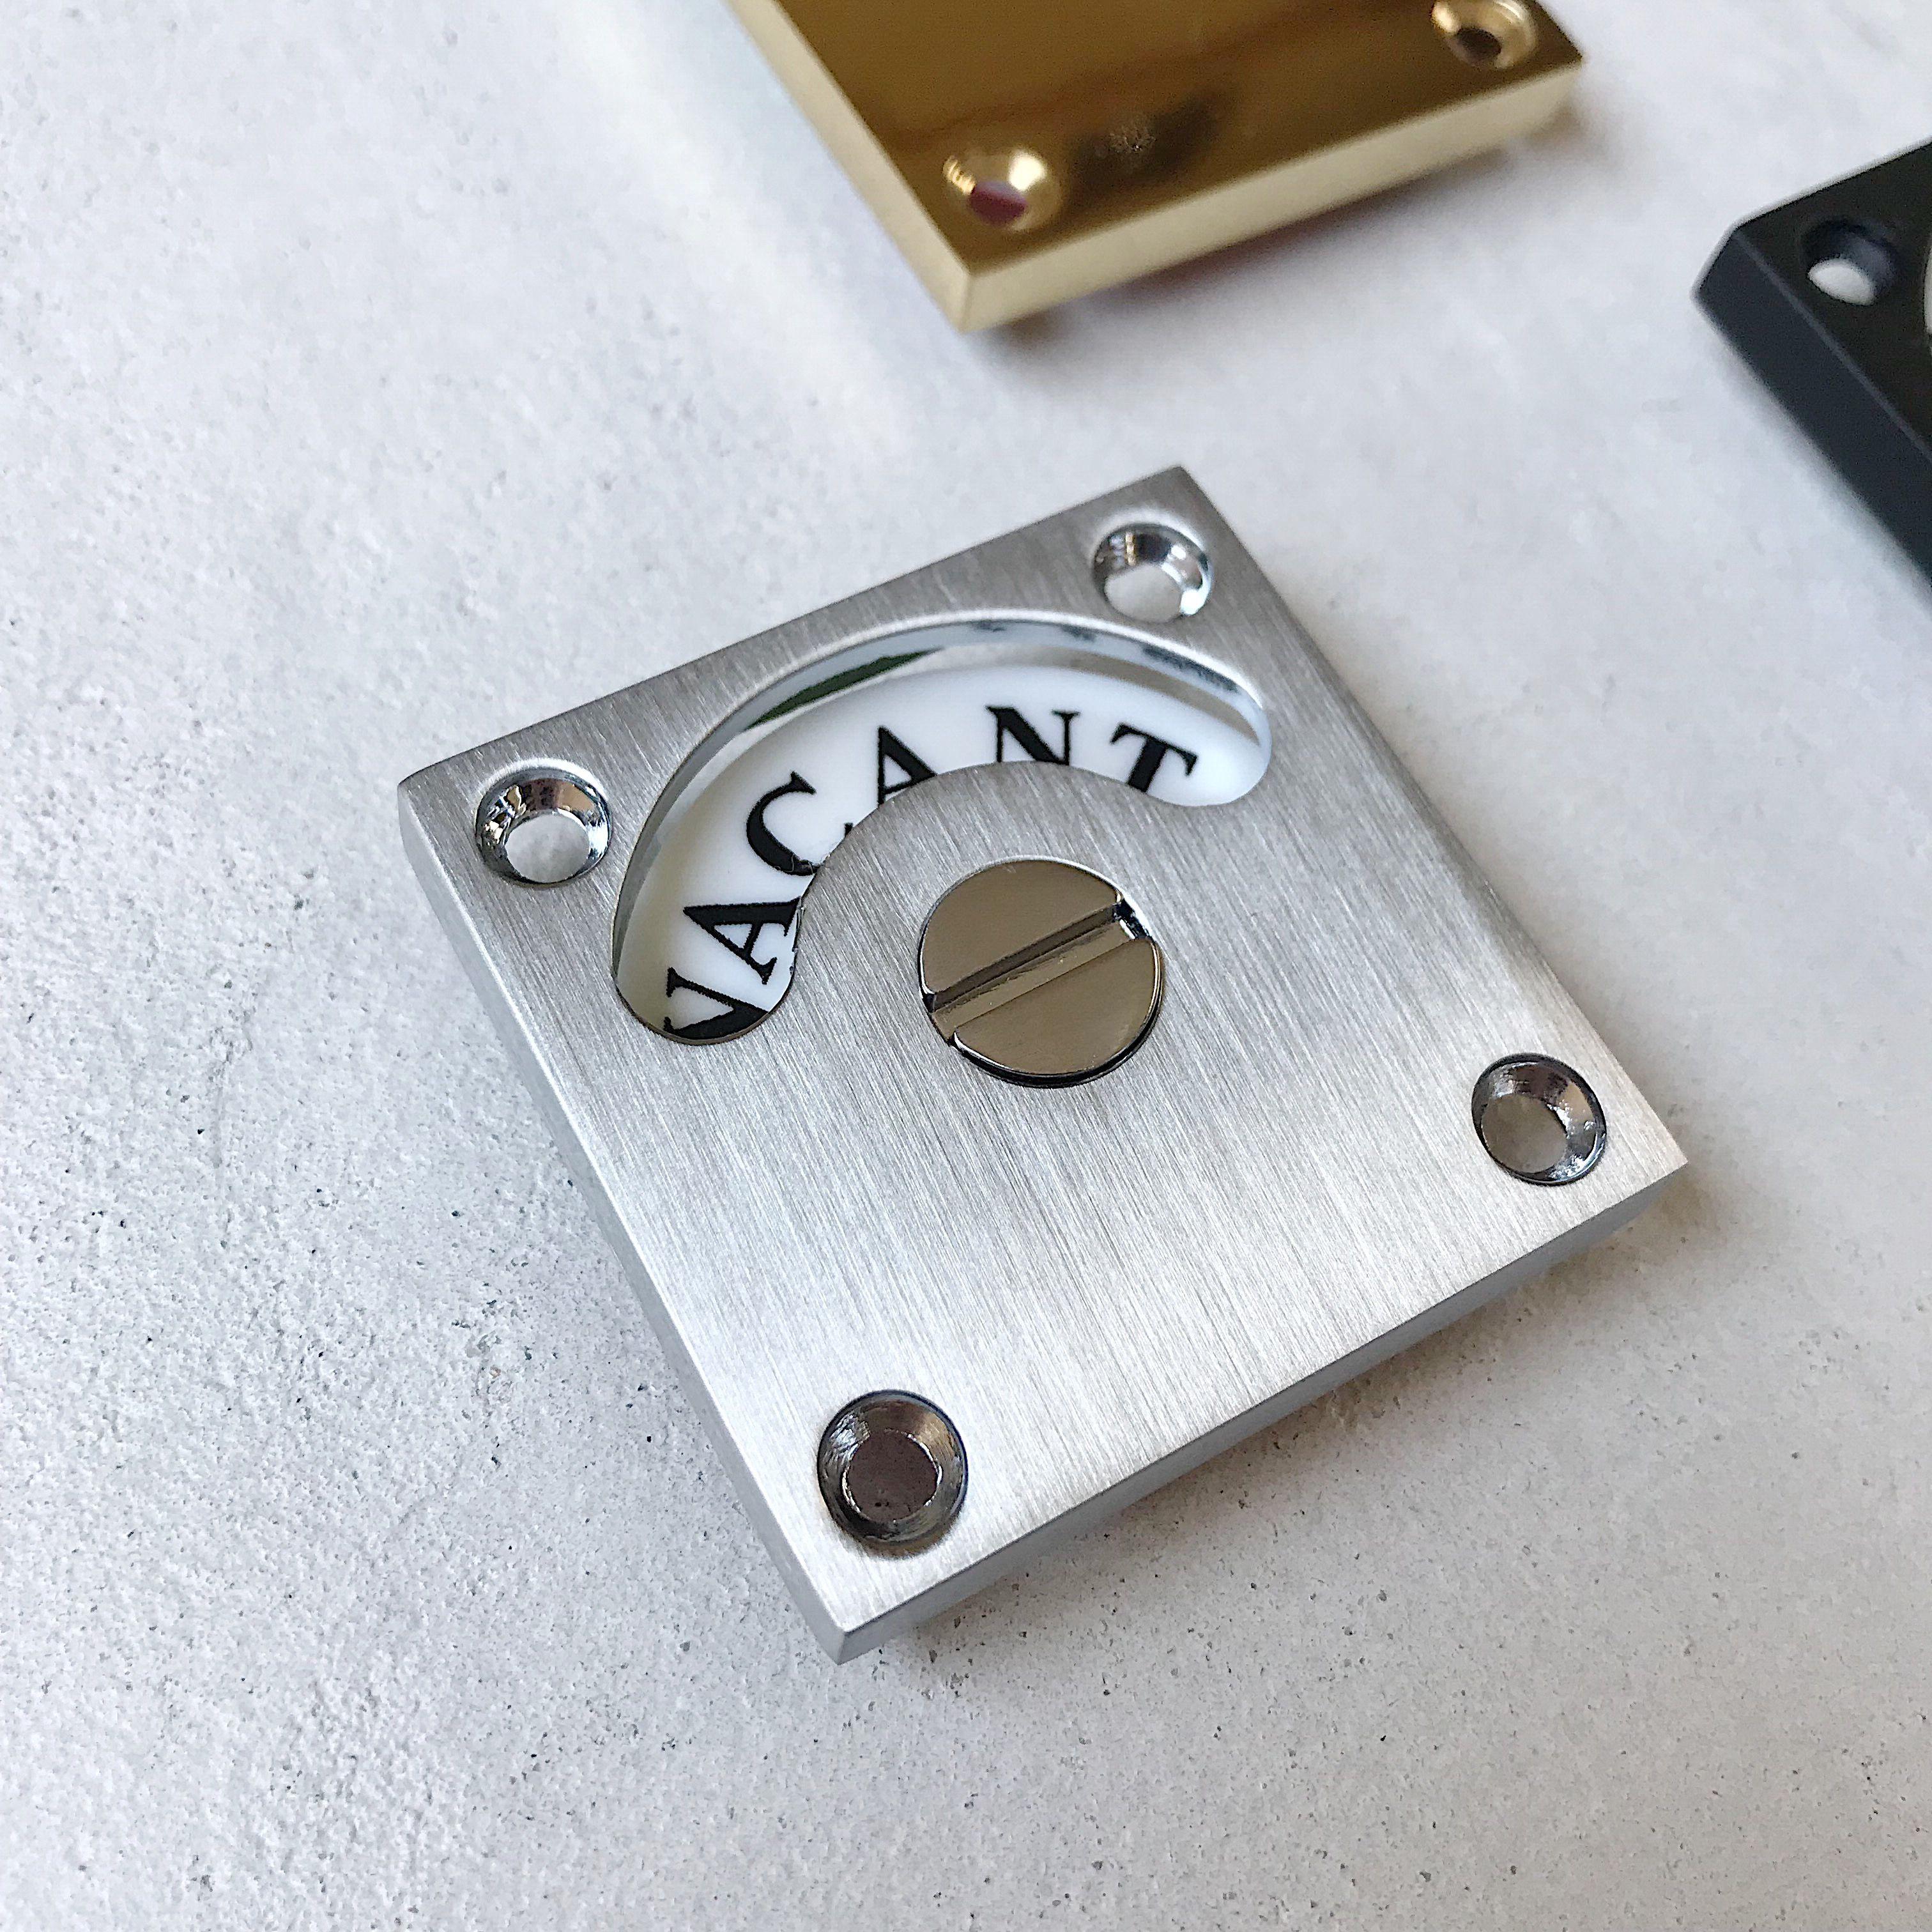 イギリス製のスクエア表示錠 無駄のないスッキリとしたデザインと